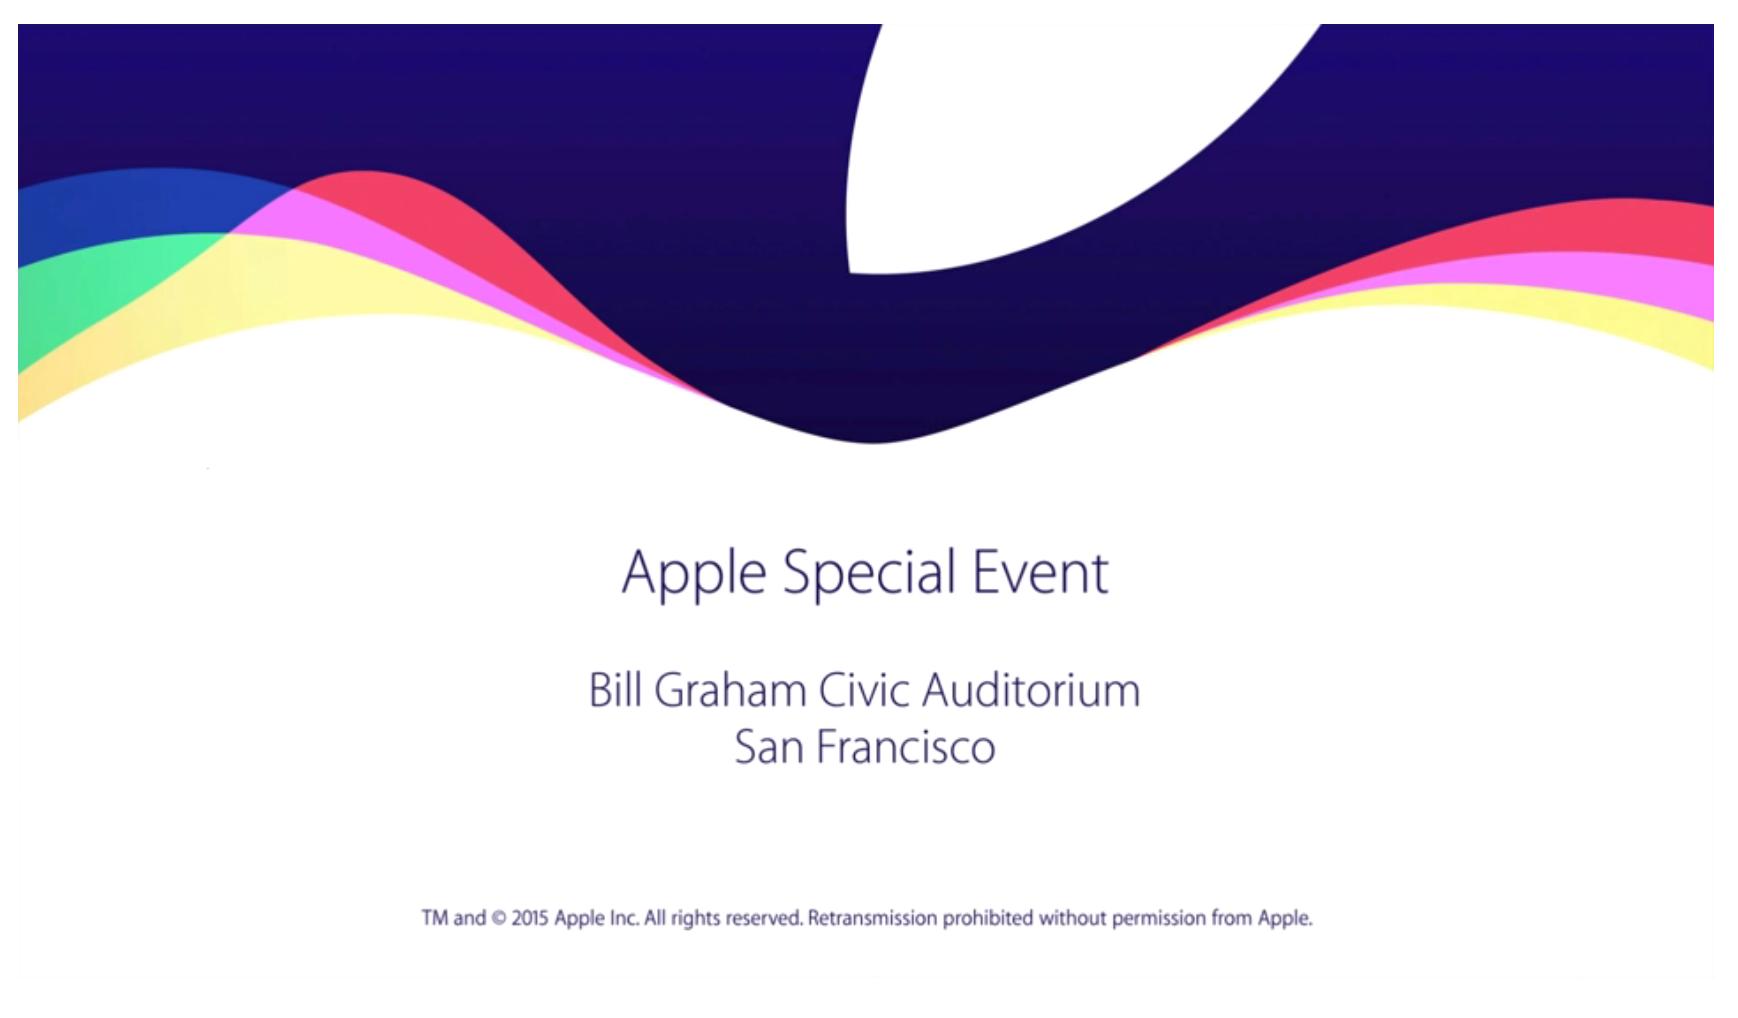 งาน Events ของ Apple เมื่อคืน 09/10/2015